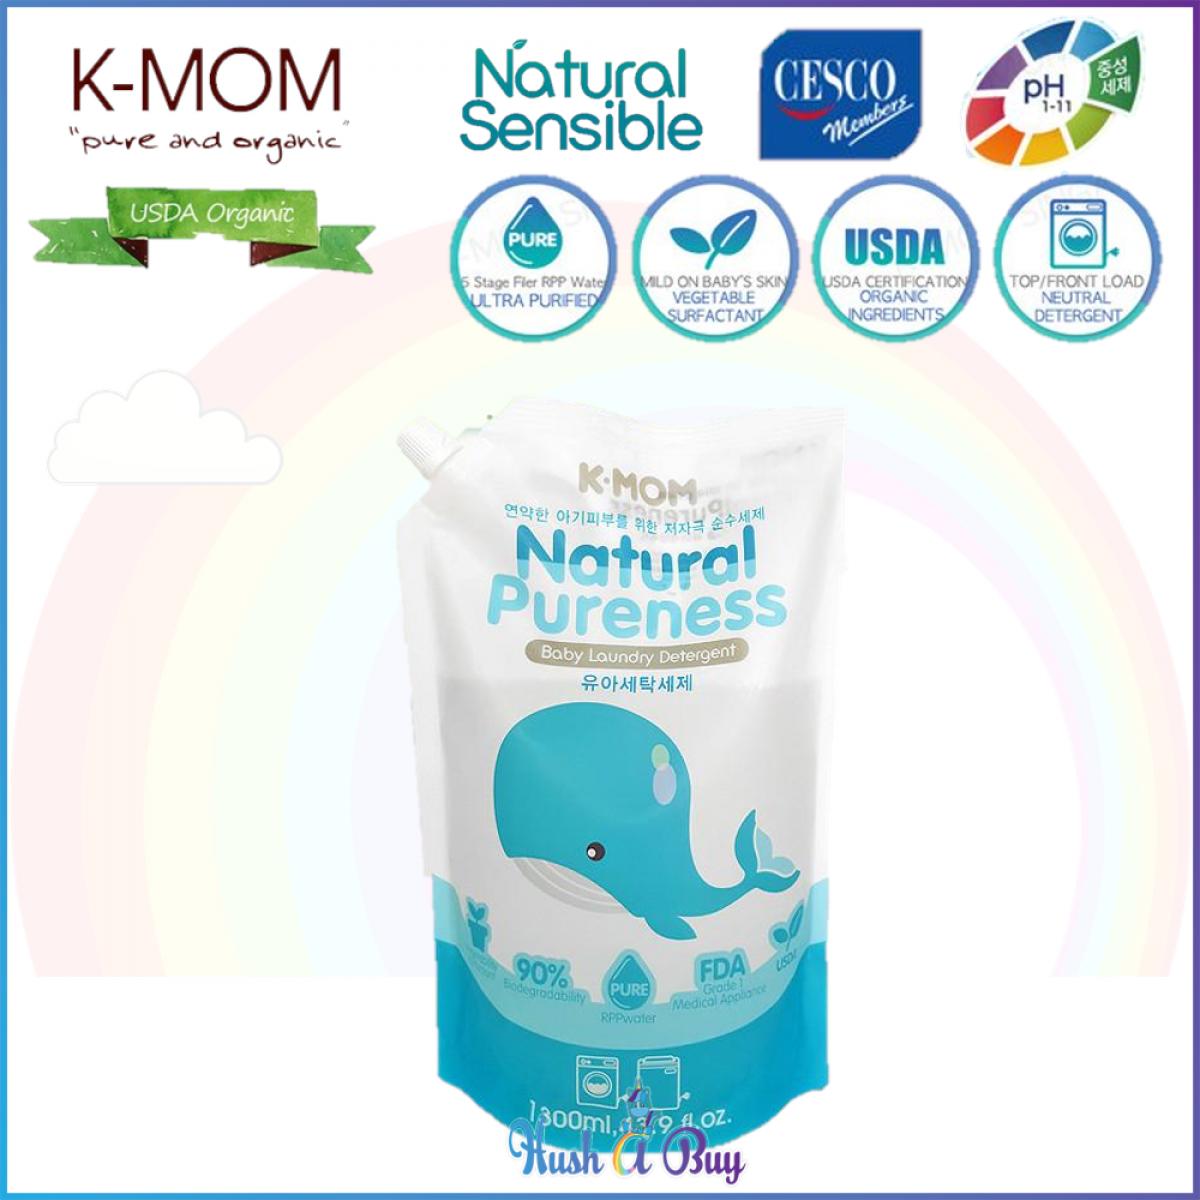 K-MOM USDA Organic Laundry & Floor Detergent Pack 1300ml - Refill